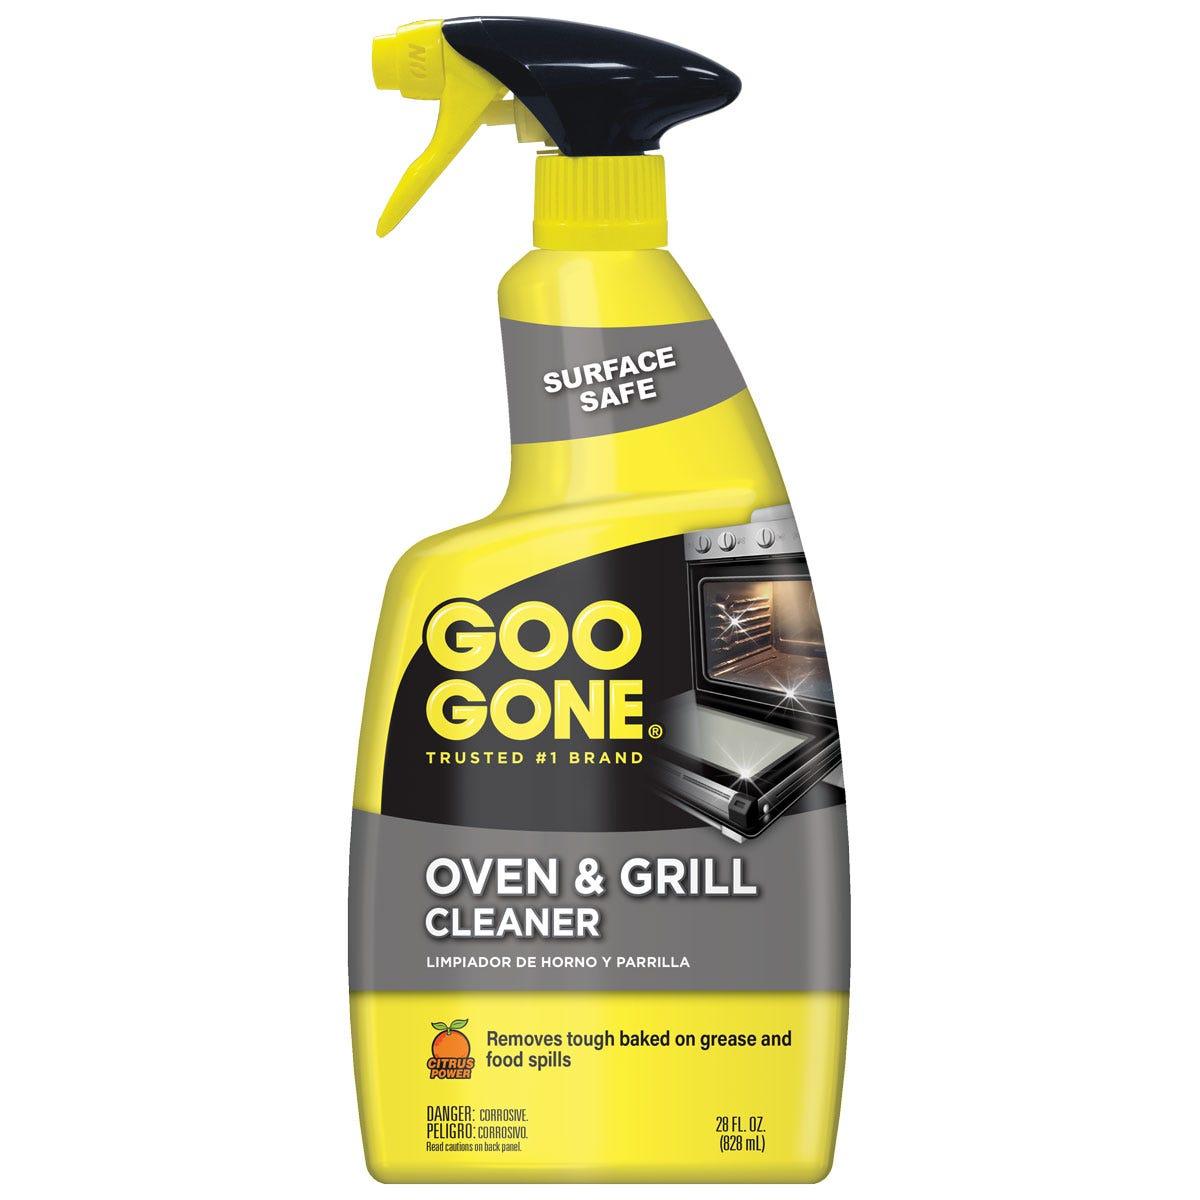 https://googone.com/media/catalog/product/g/o/goo-gone-oven-cleaner_front.jpg